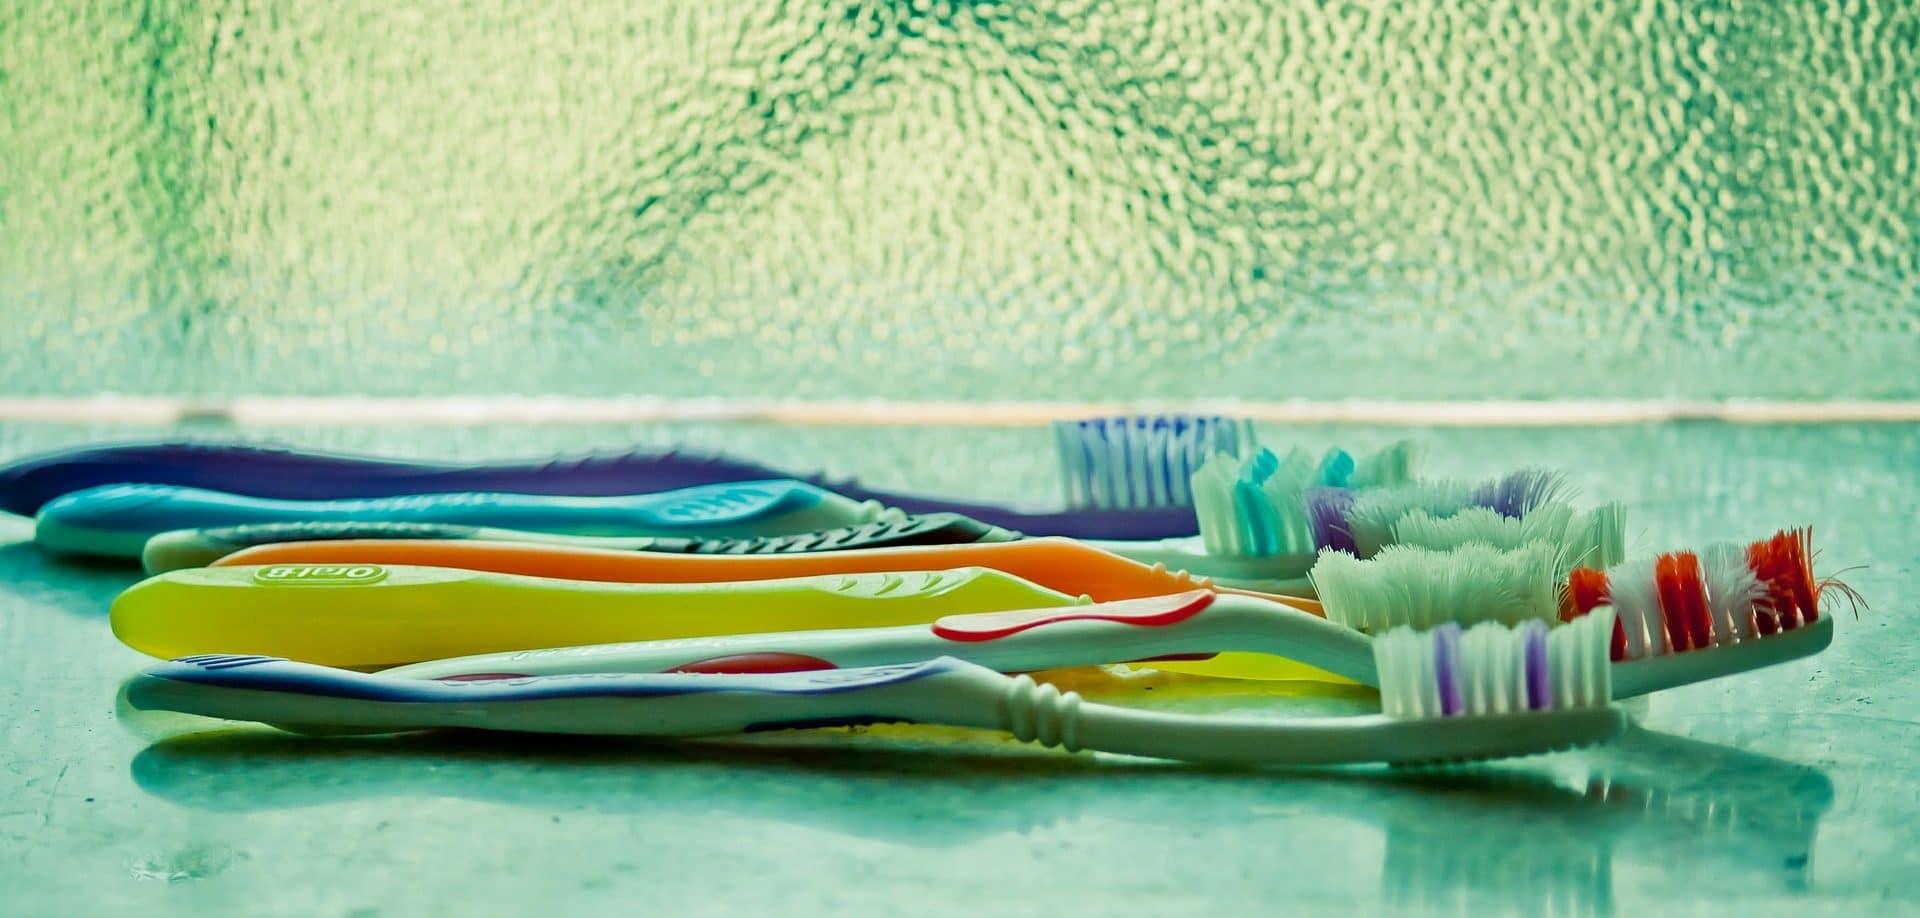 Marietta Dentist | Dr. Robert Foster DMD/PC | Cosmetic Dentist Marietta GA